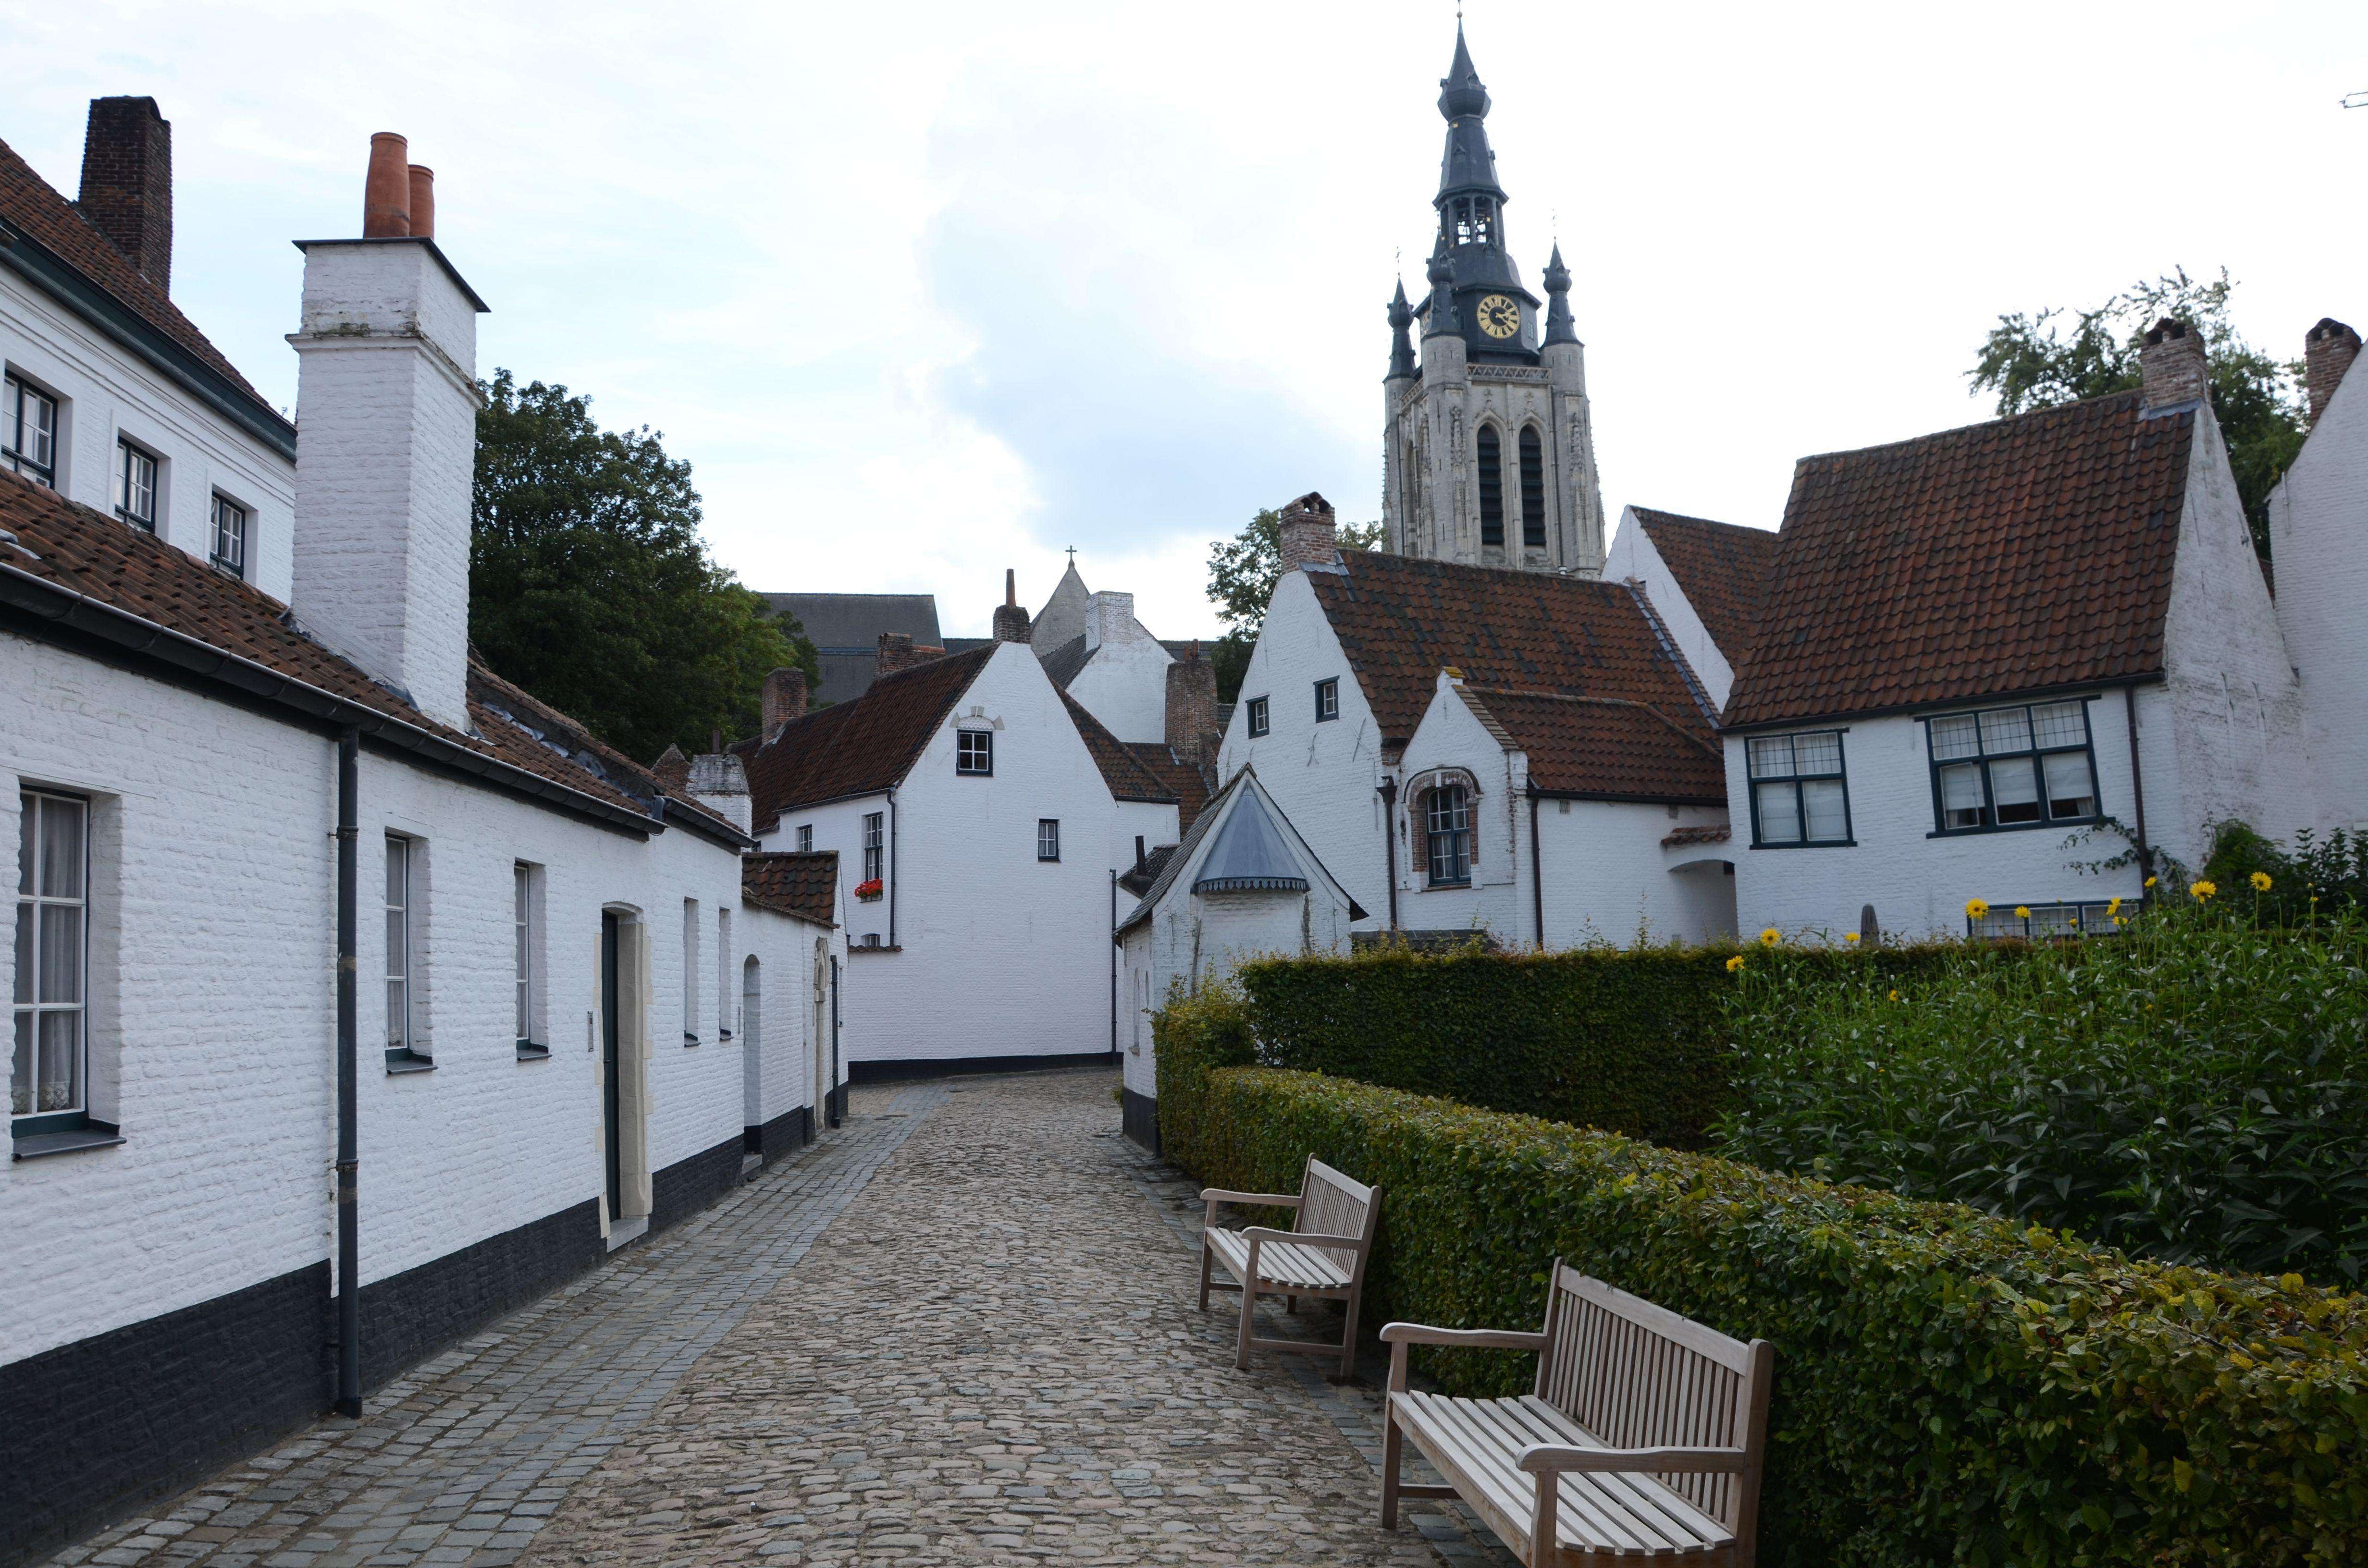 Begijnhof in Kortrijk, Belgium #Kortrijk #Courtrai #Belgium #citytrip #europe #oneday #trip